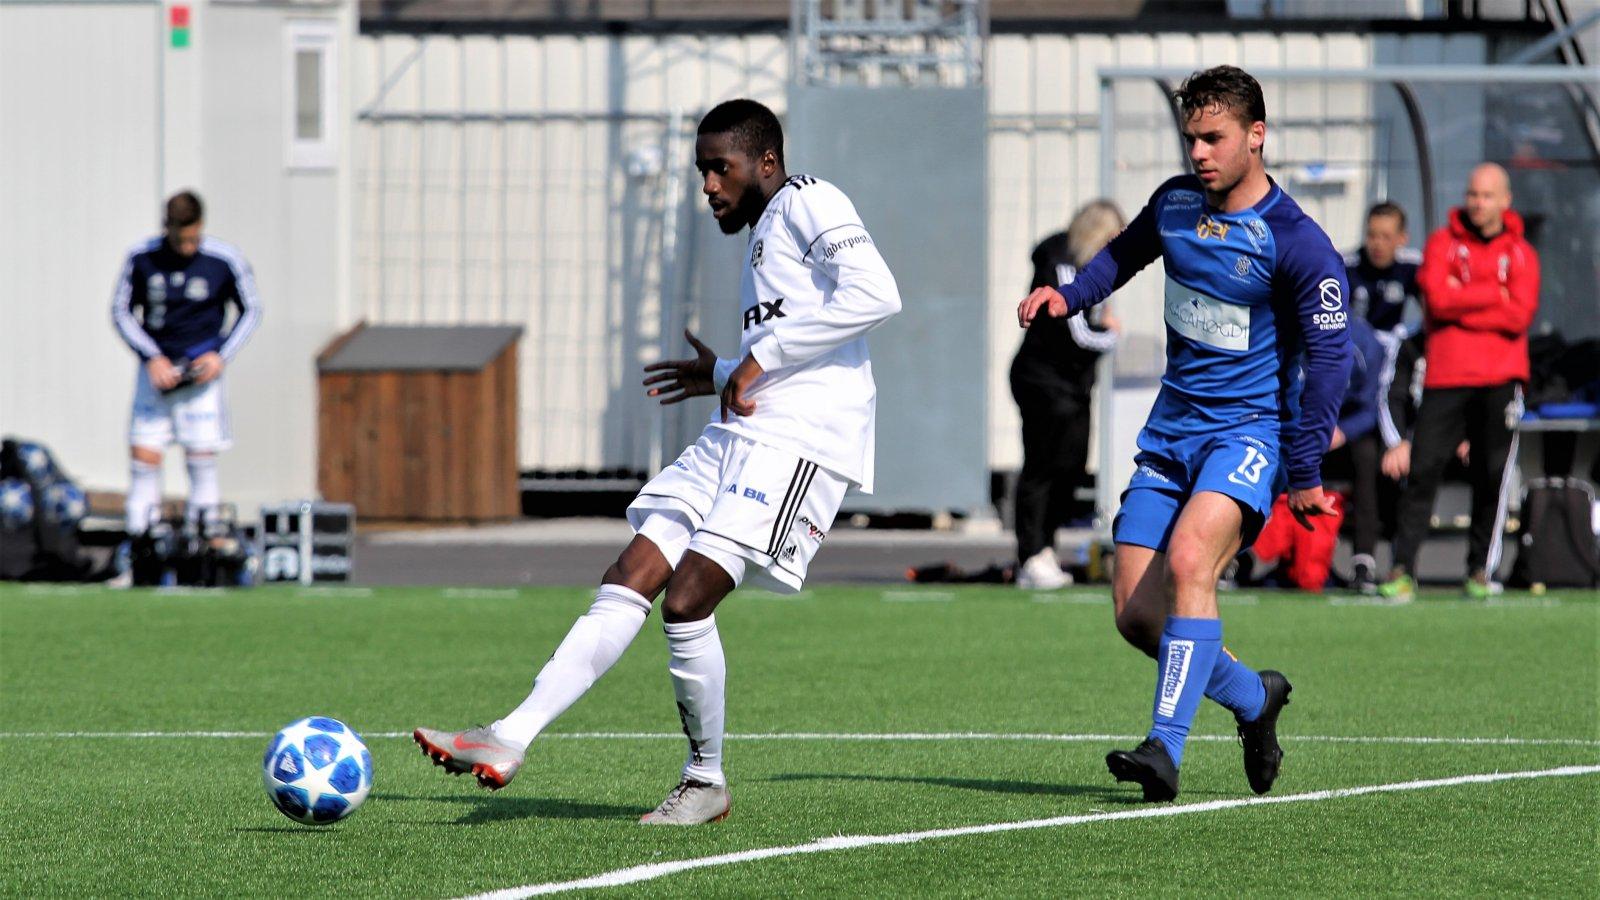 Shariff Cham og Arendal Fotball er regnet blant outsiderne til opprykk, i det som regnes som den klart sterkeste av de to avdelingene i 2. divisjon denne sesongen.